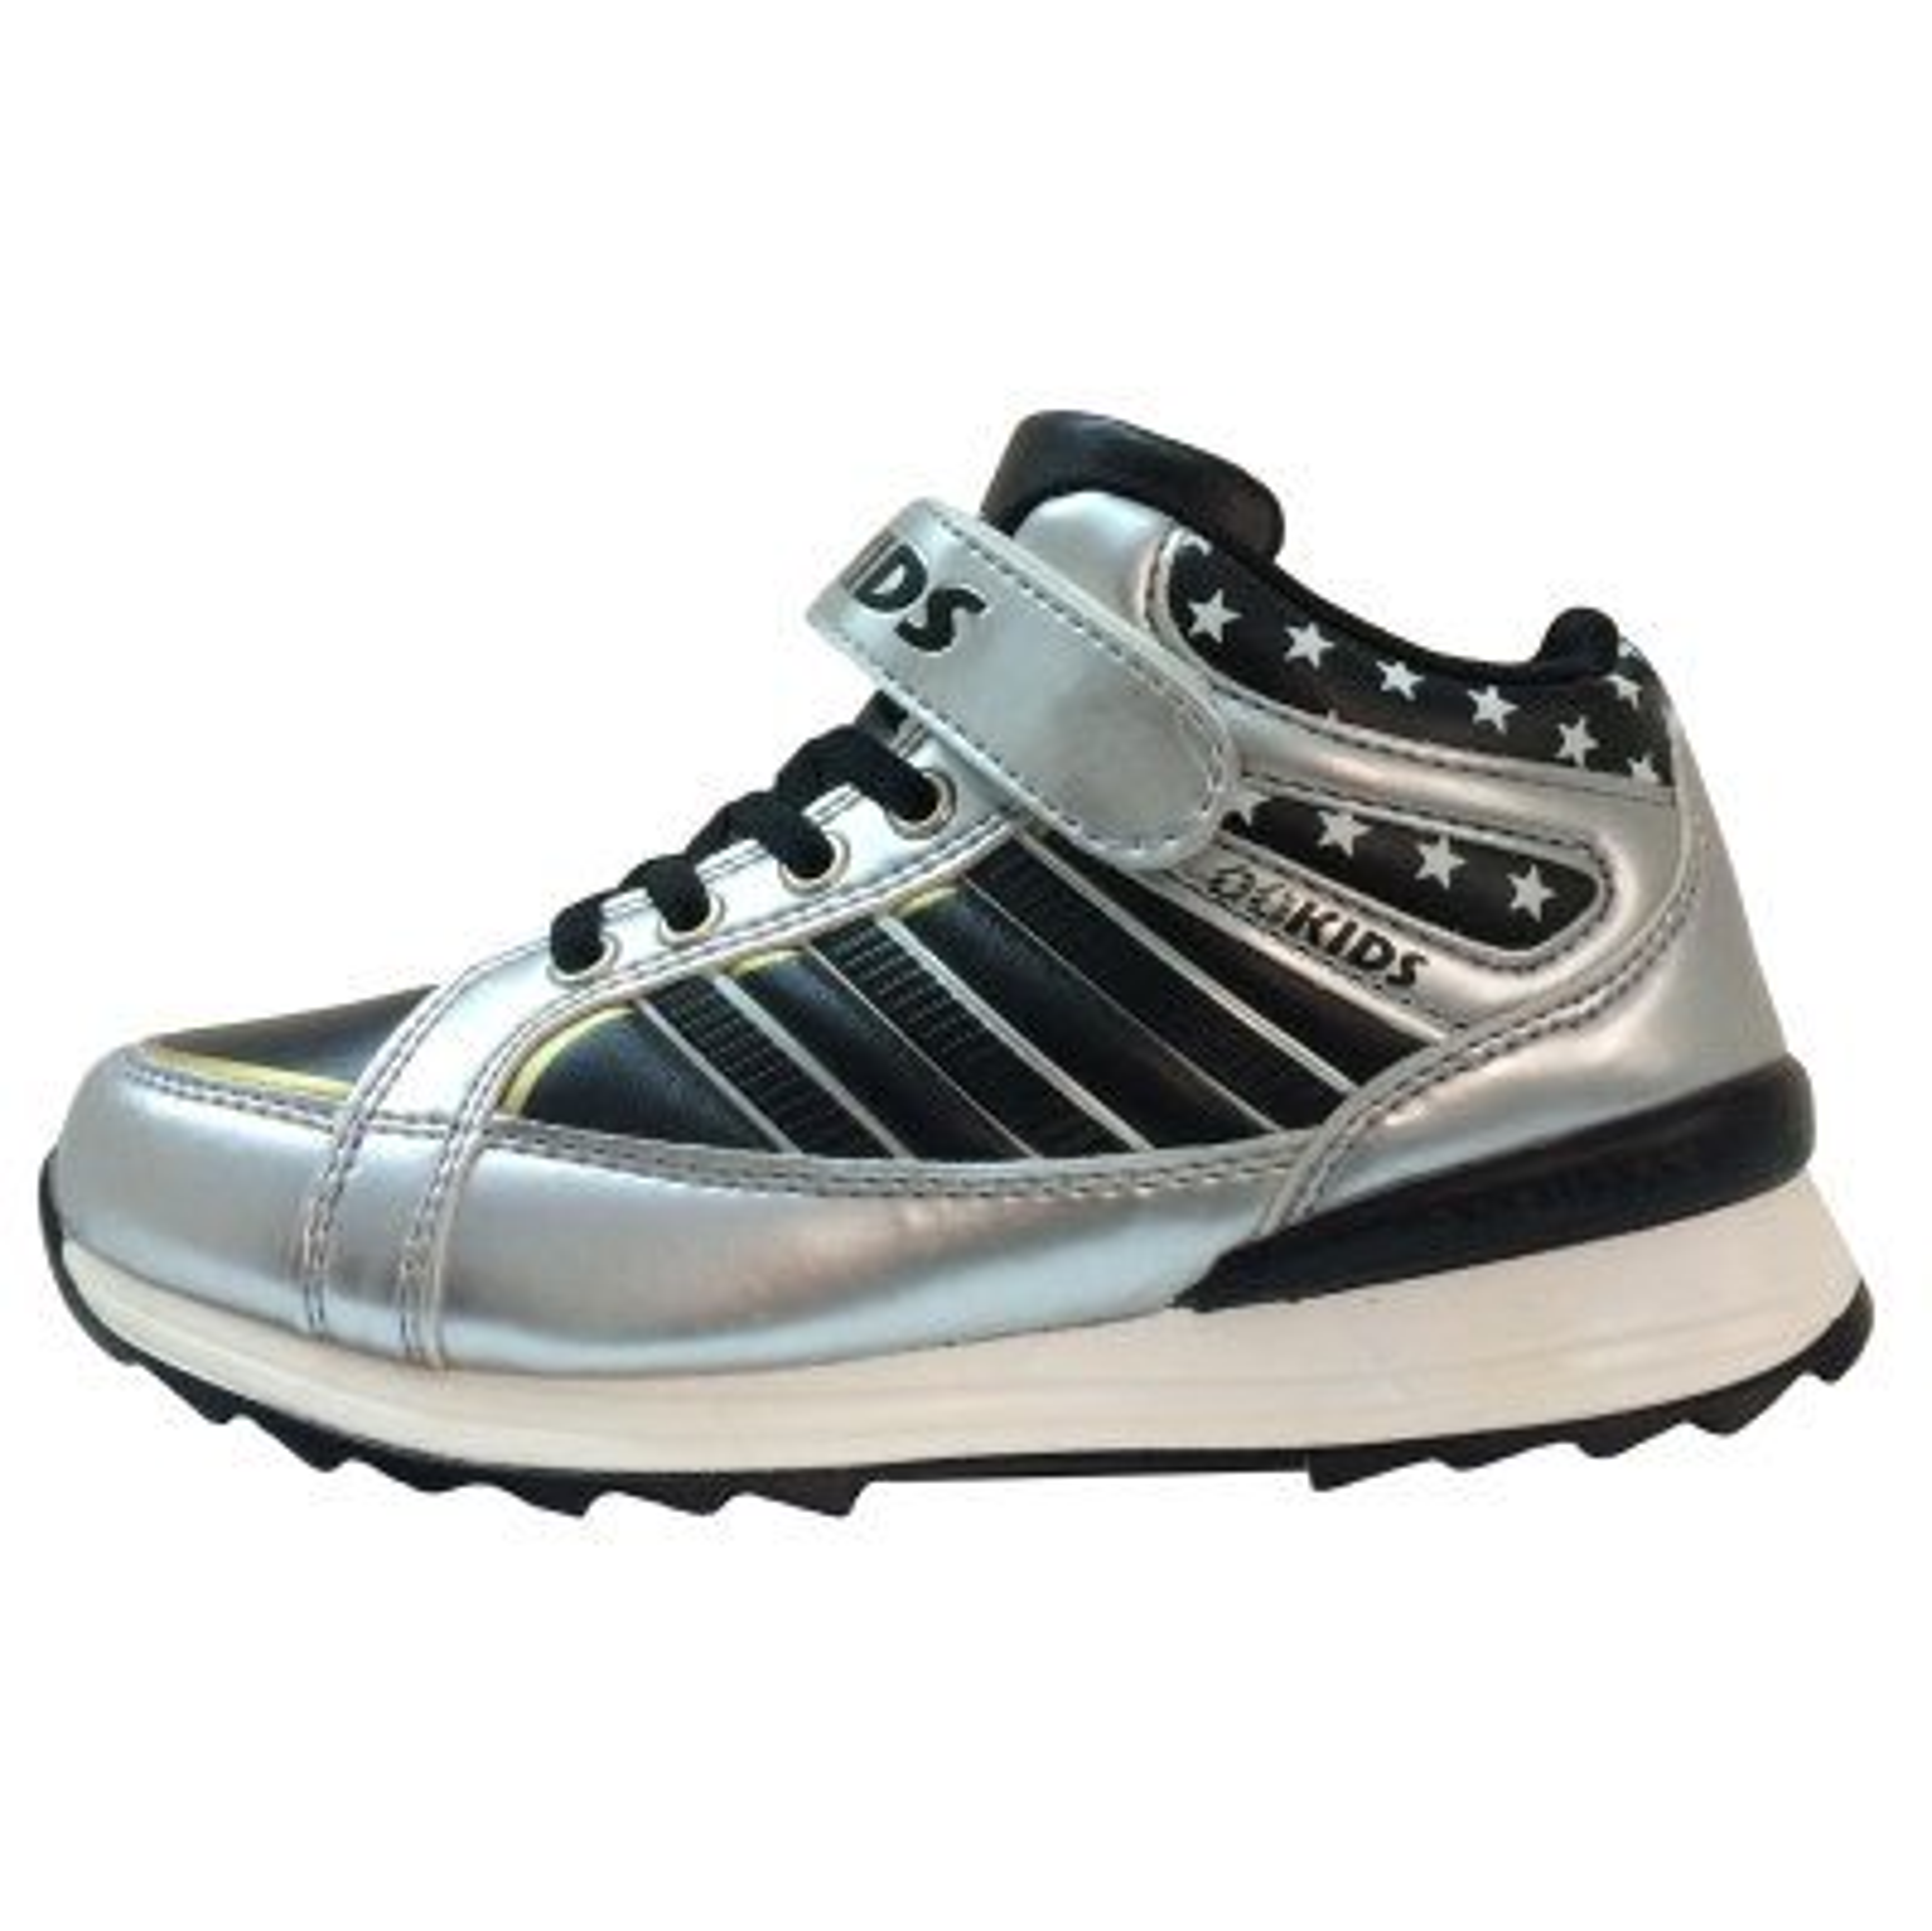 تصویر کفش مخصوص پیاده روی دخترانه  مدل  star کد kxj3000